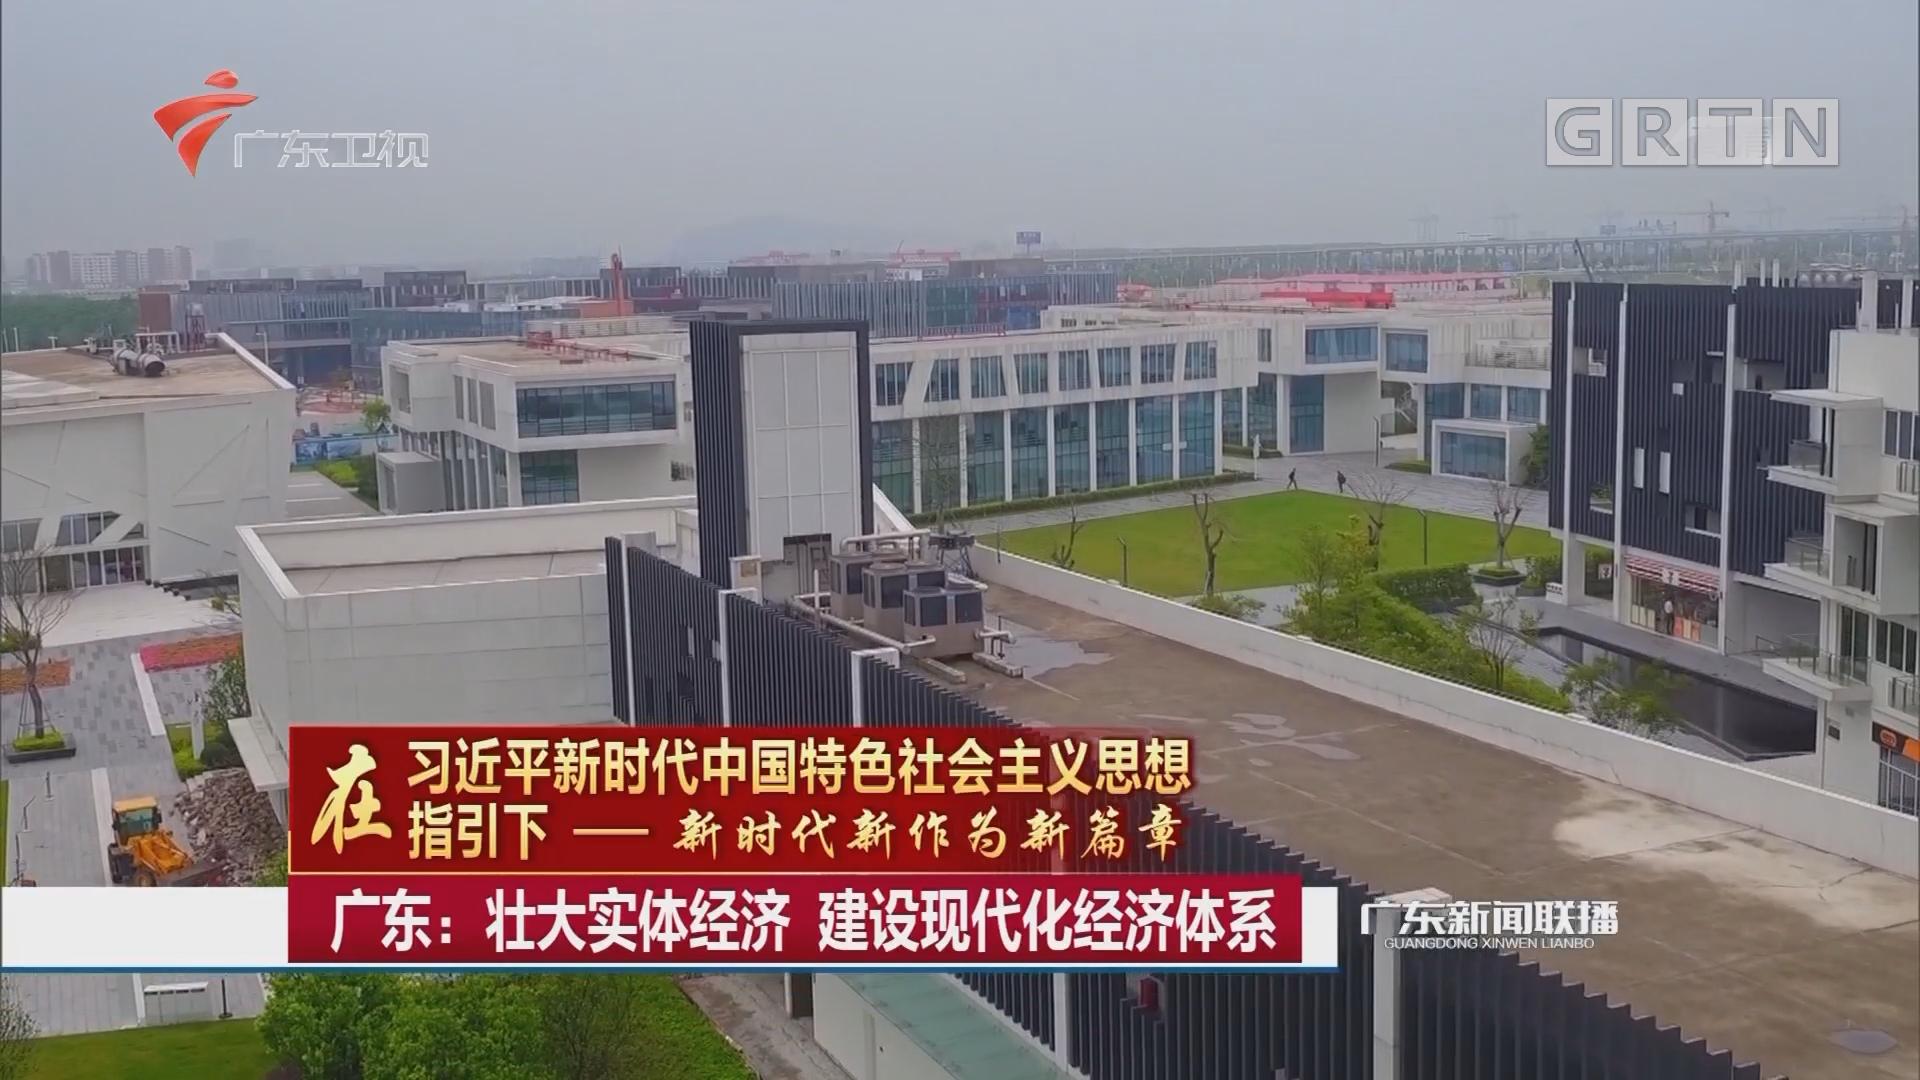 广东:壮大实体经济 建设现代化经济体系